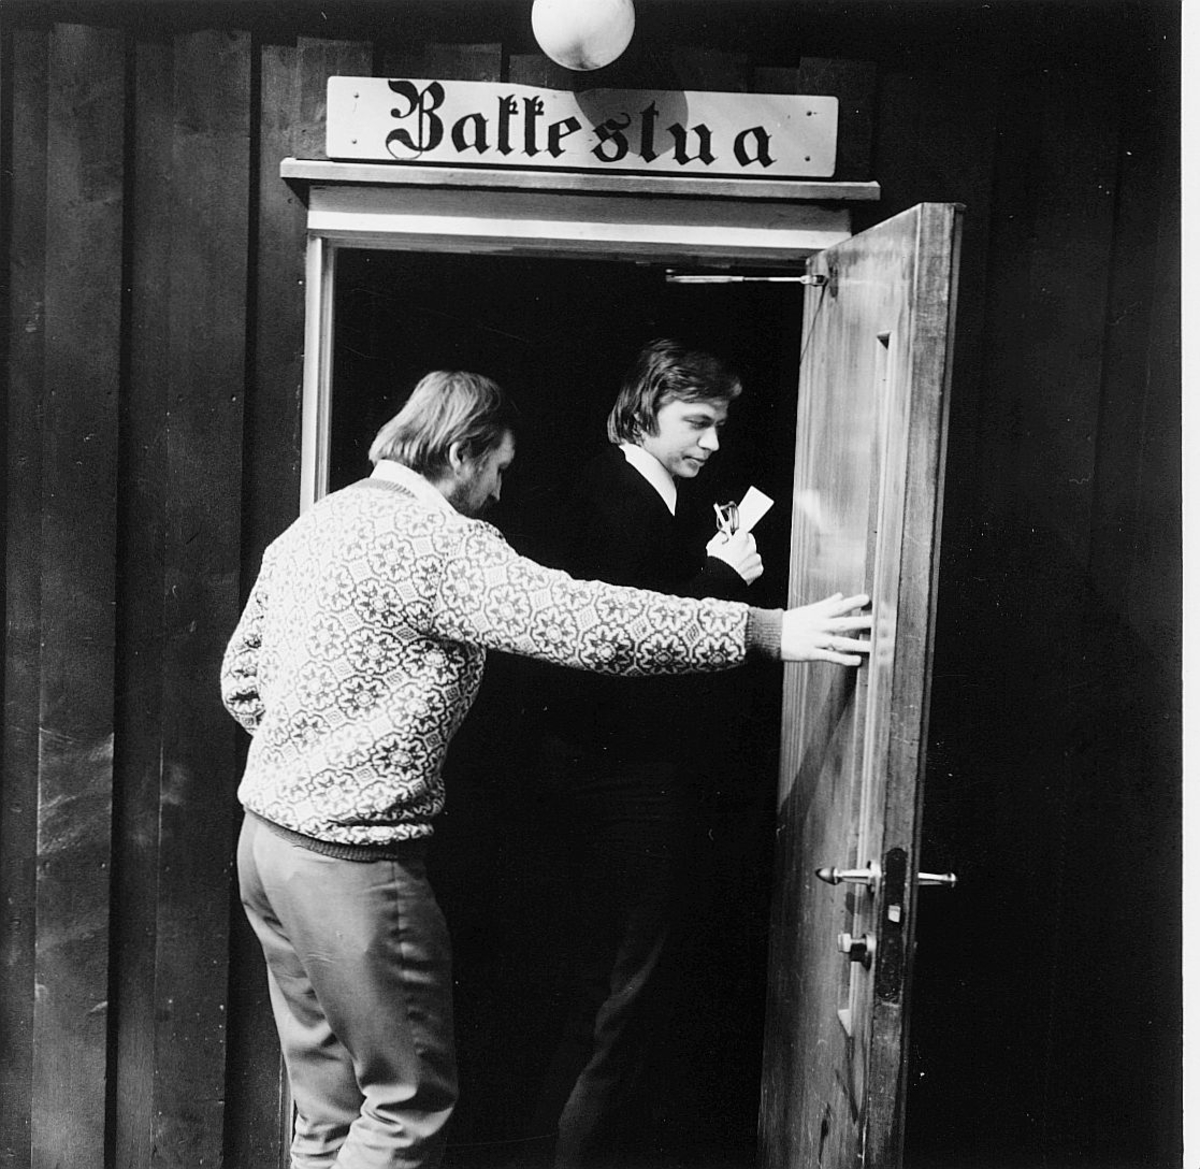 postskolen, Sjøstrand bad, 2 menn, inngangspartiet til kaffestua